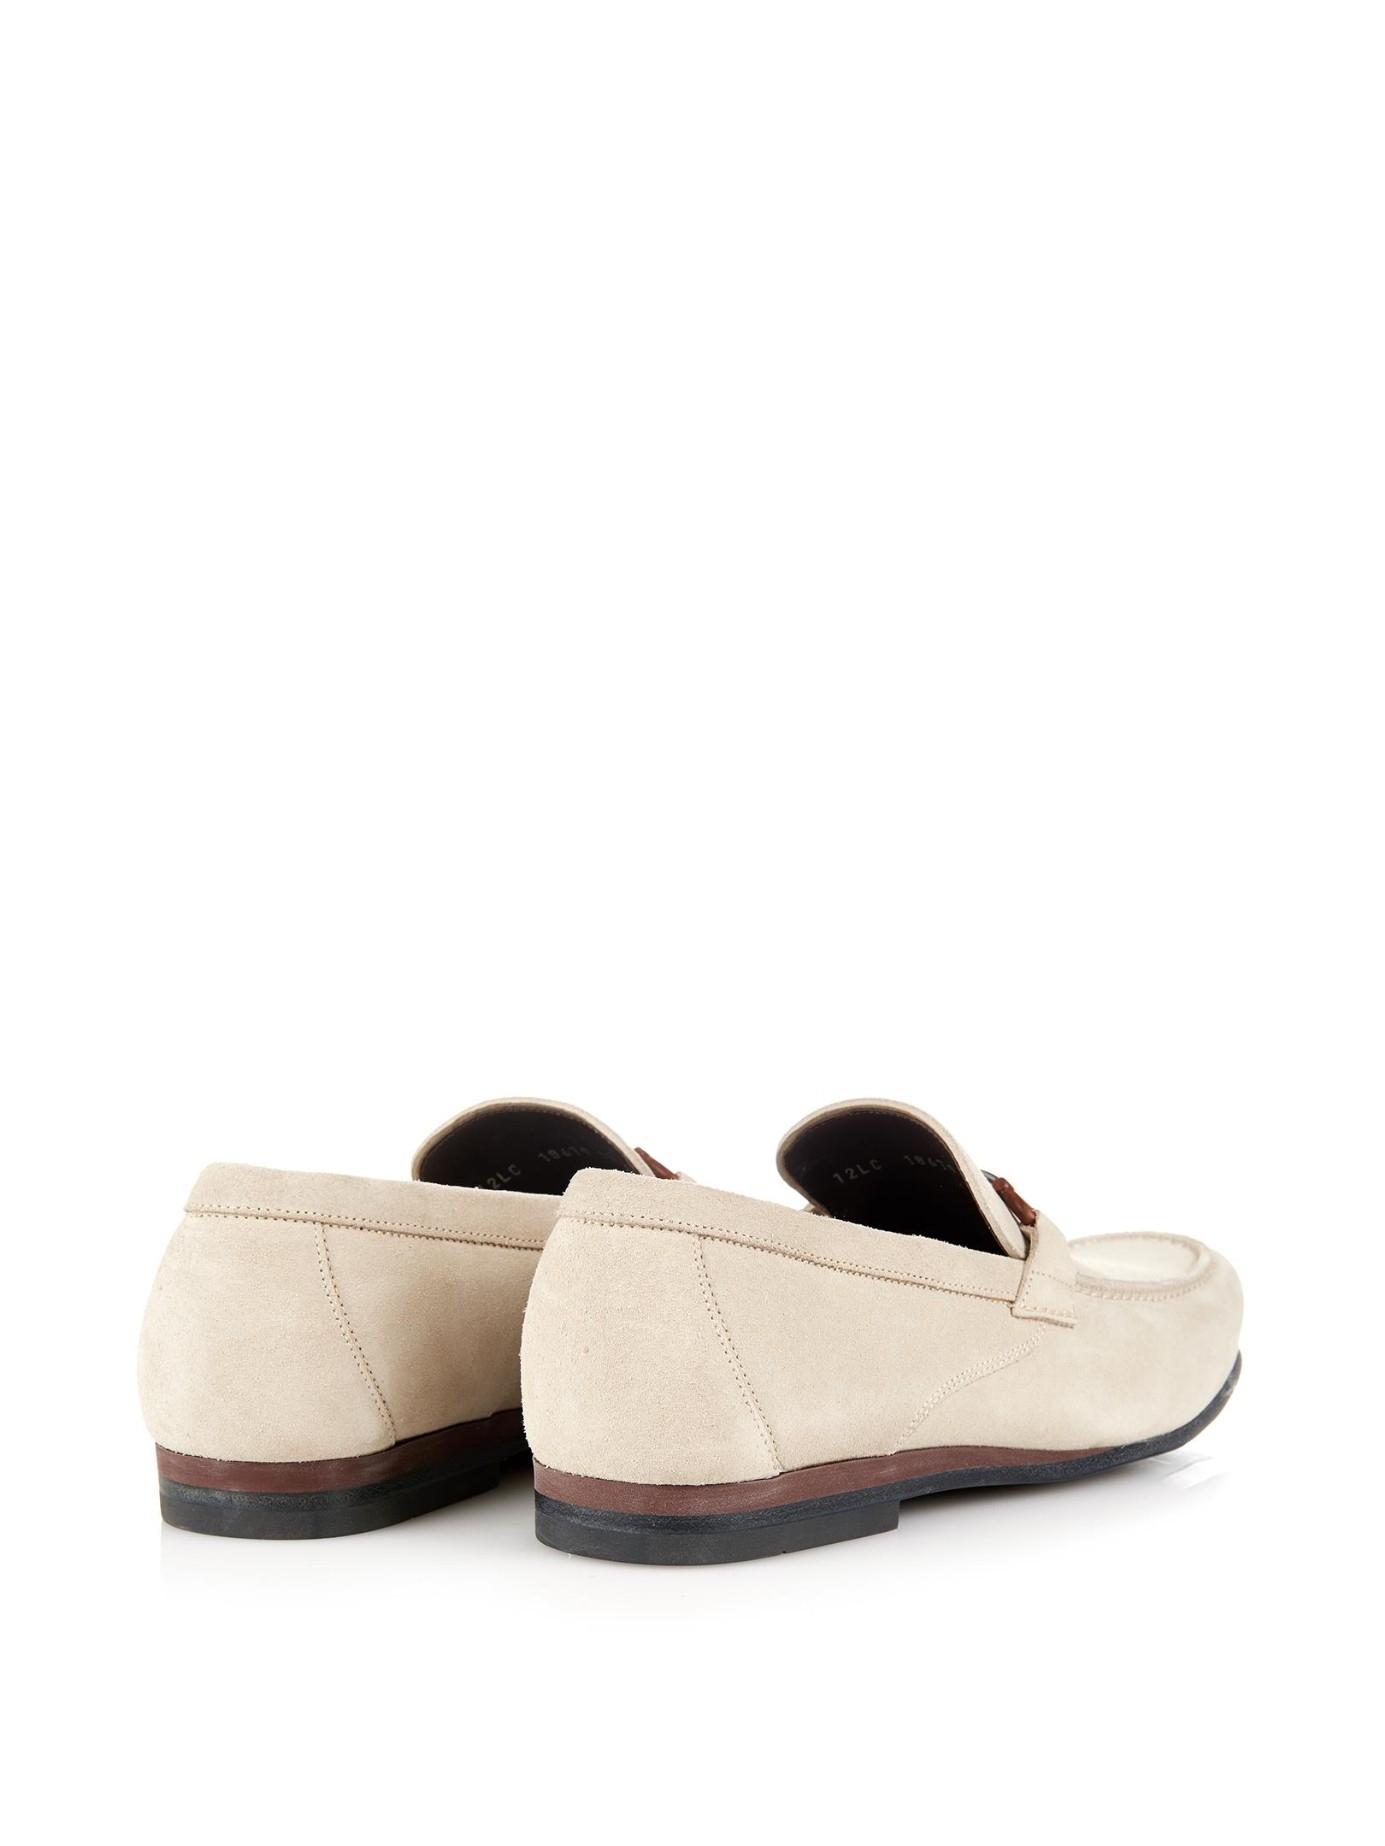 375aaa888a324 Ferragamo Lyst In Men Loafers For Nepal White Suede aZwqS7